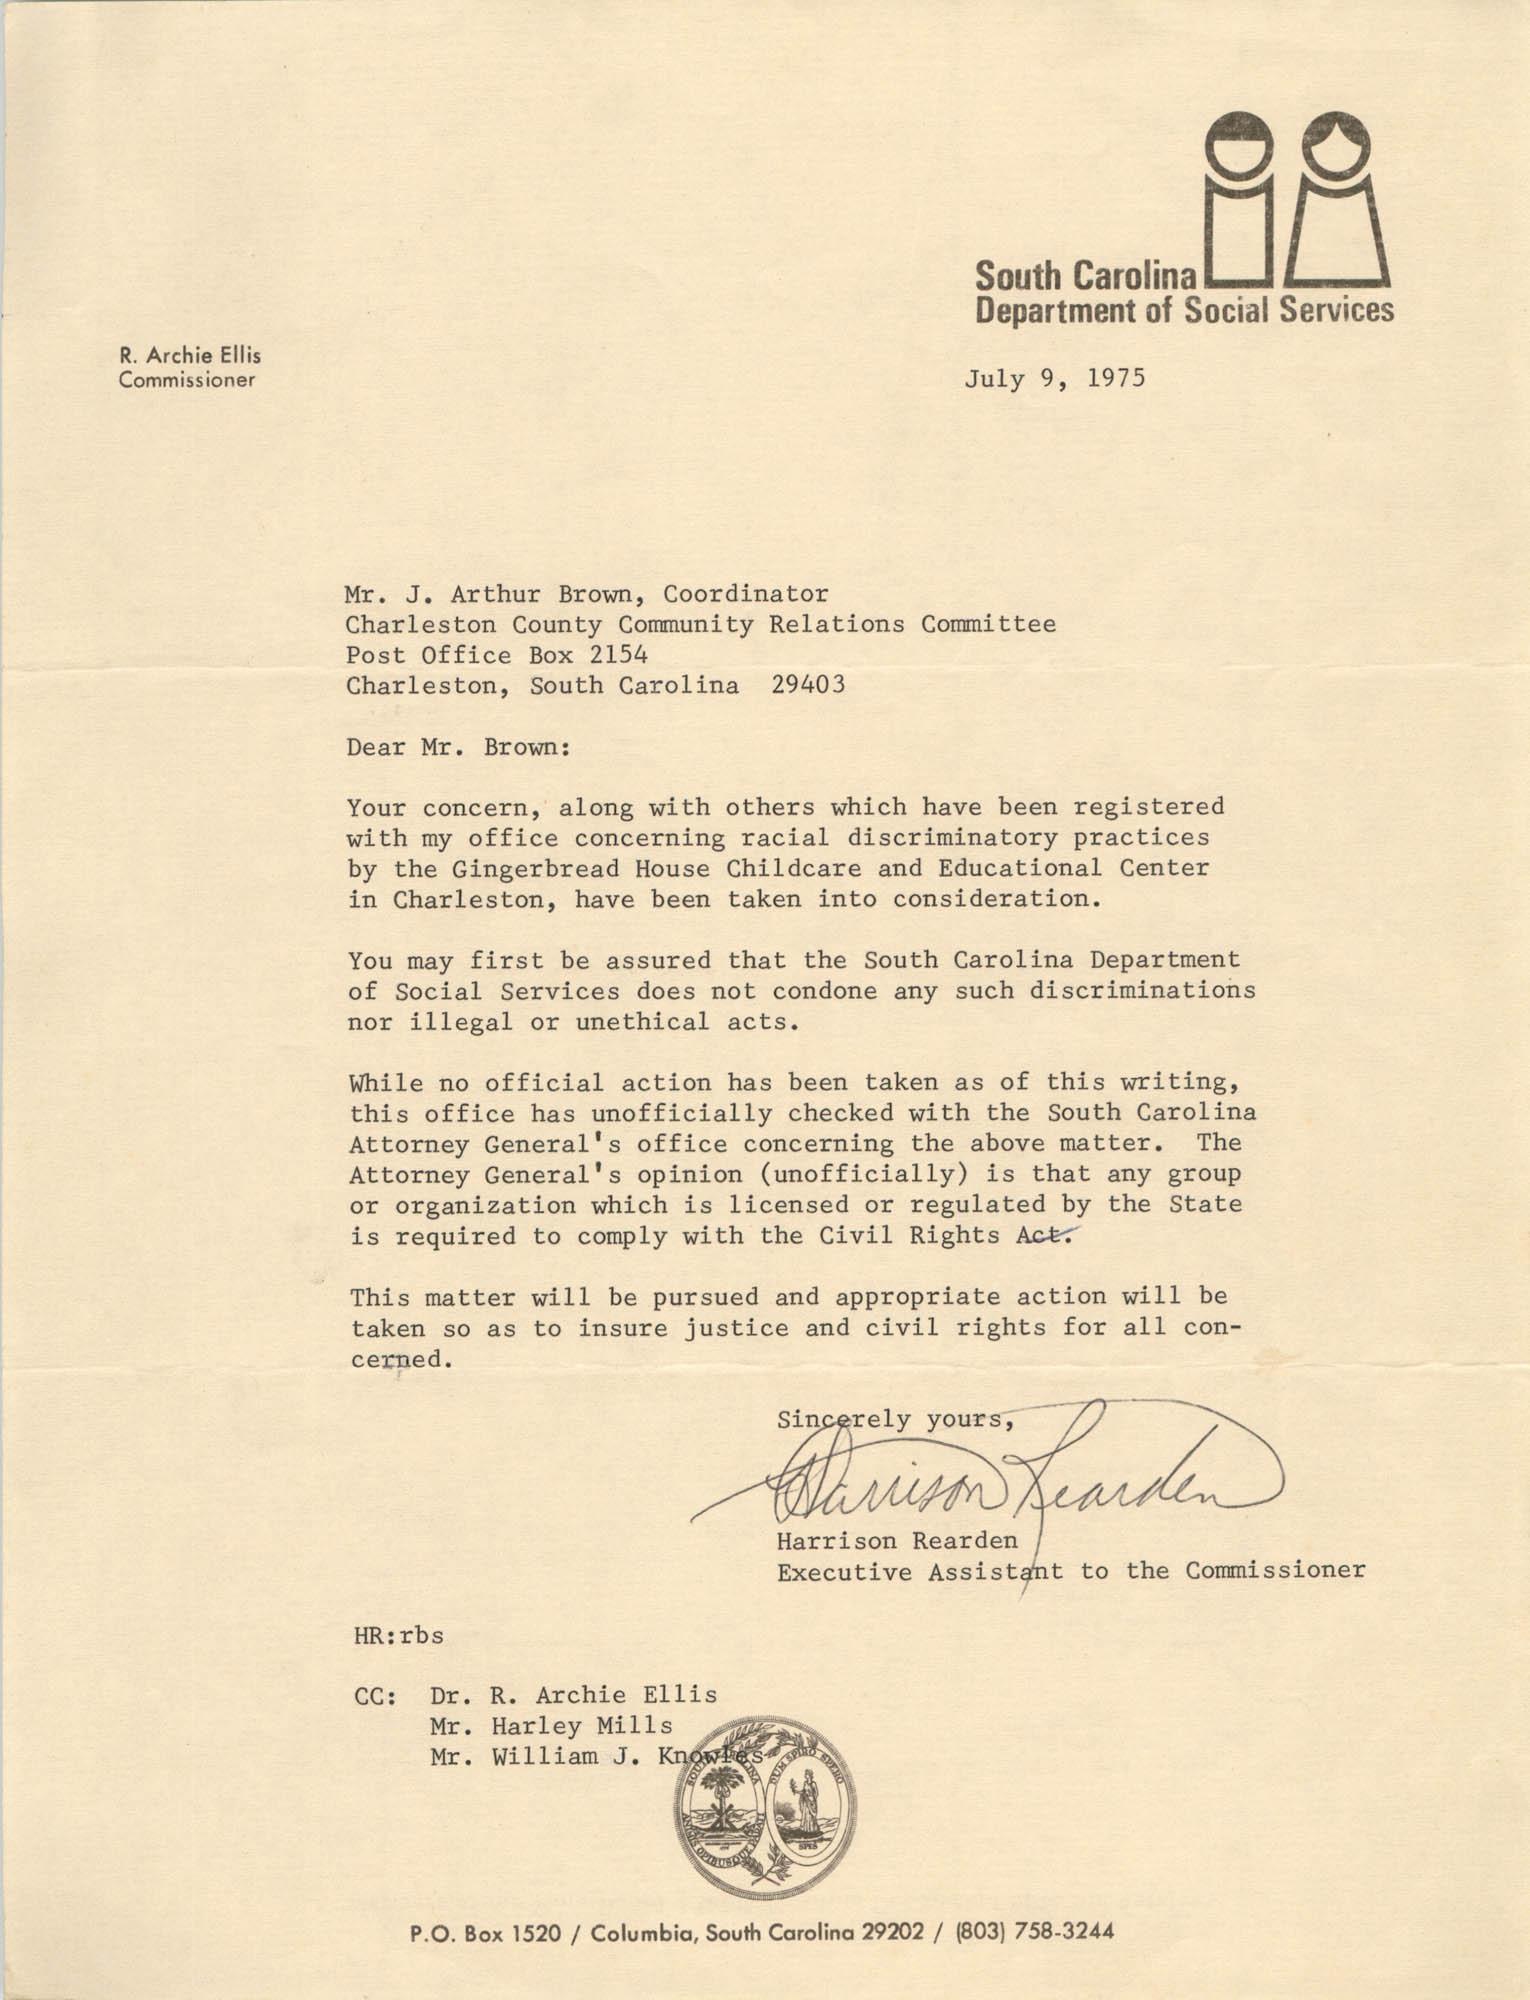 Letter from Harrison Rearden to J. Arthur Brown, July 9, 1975